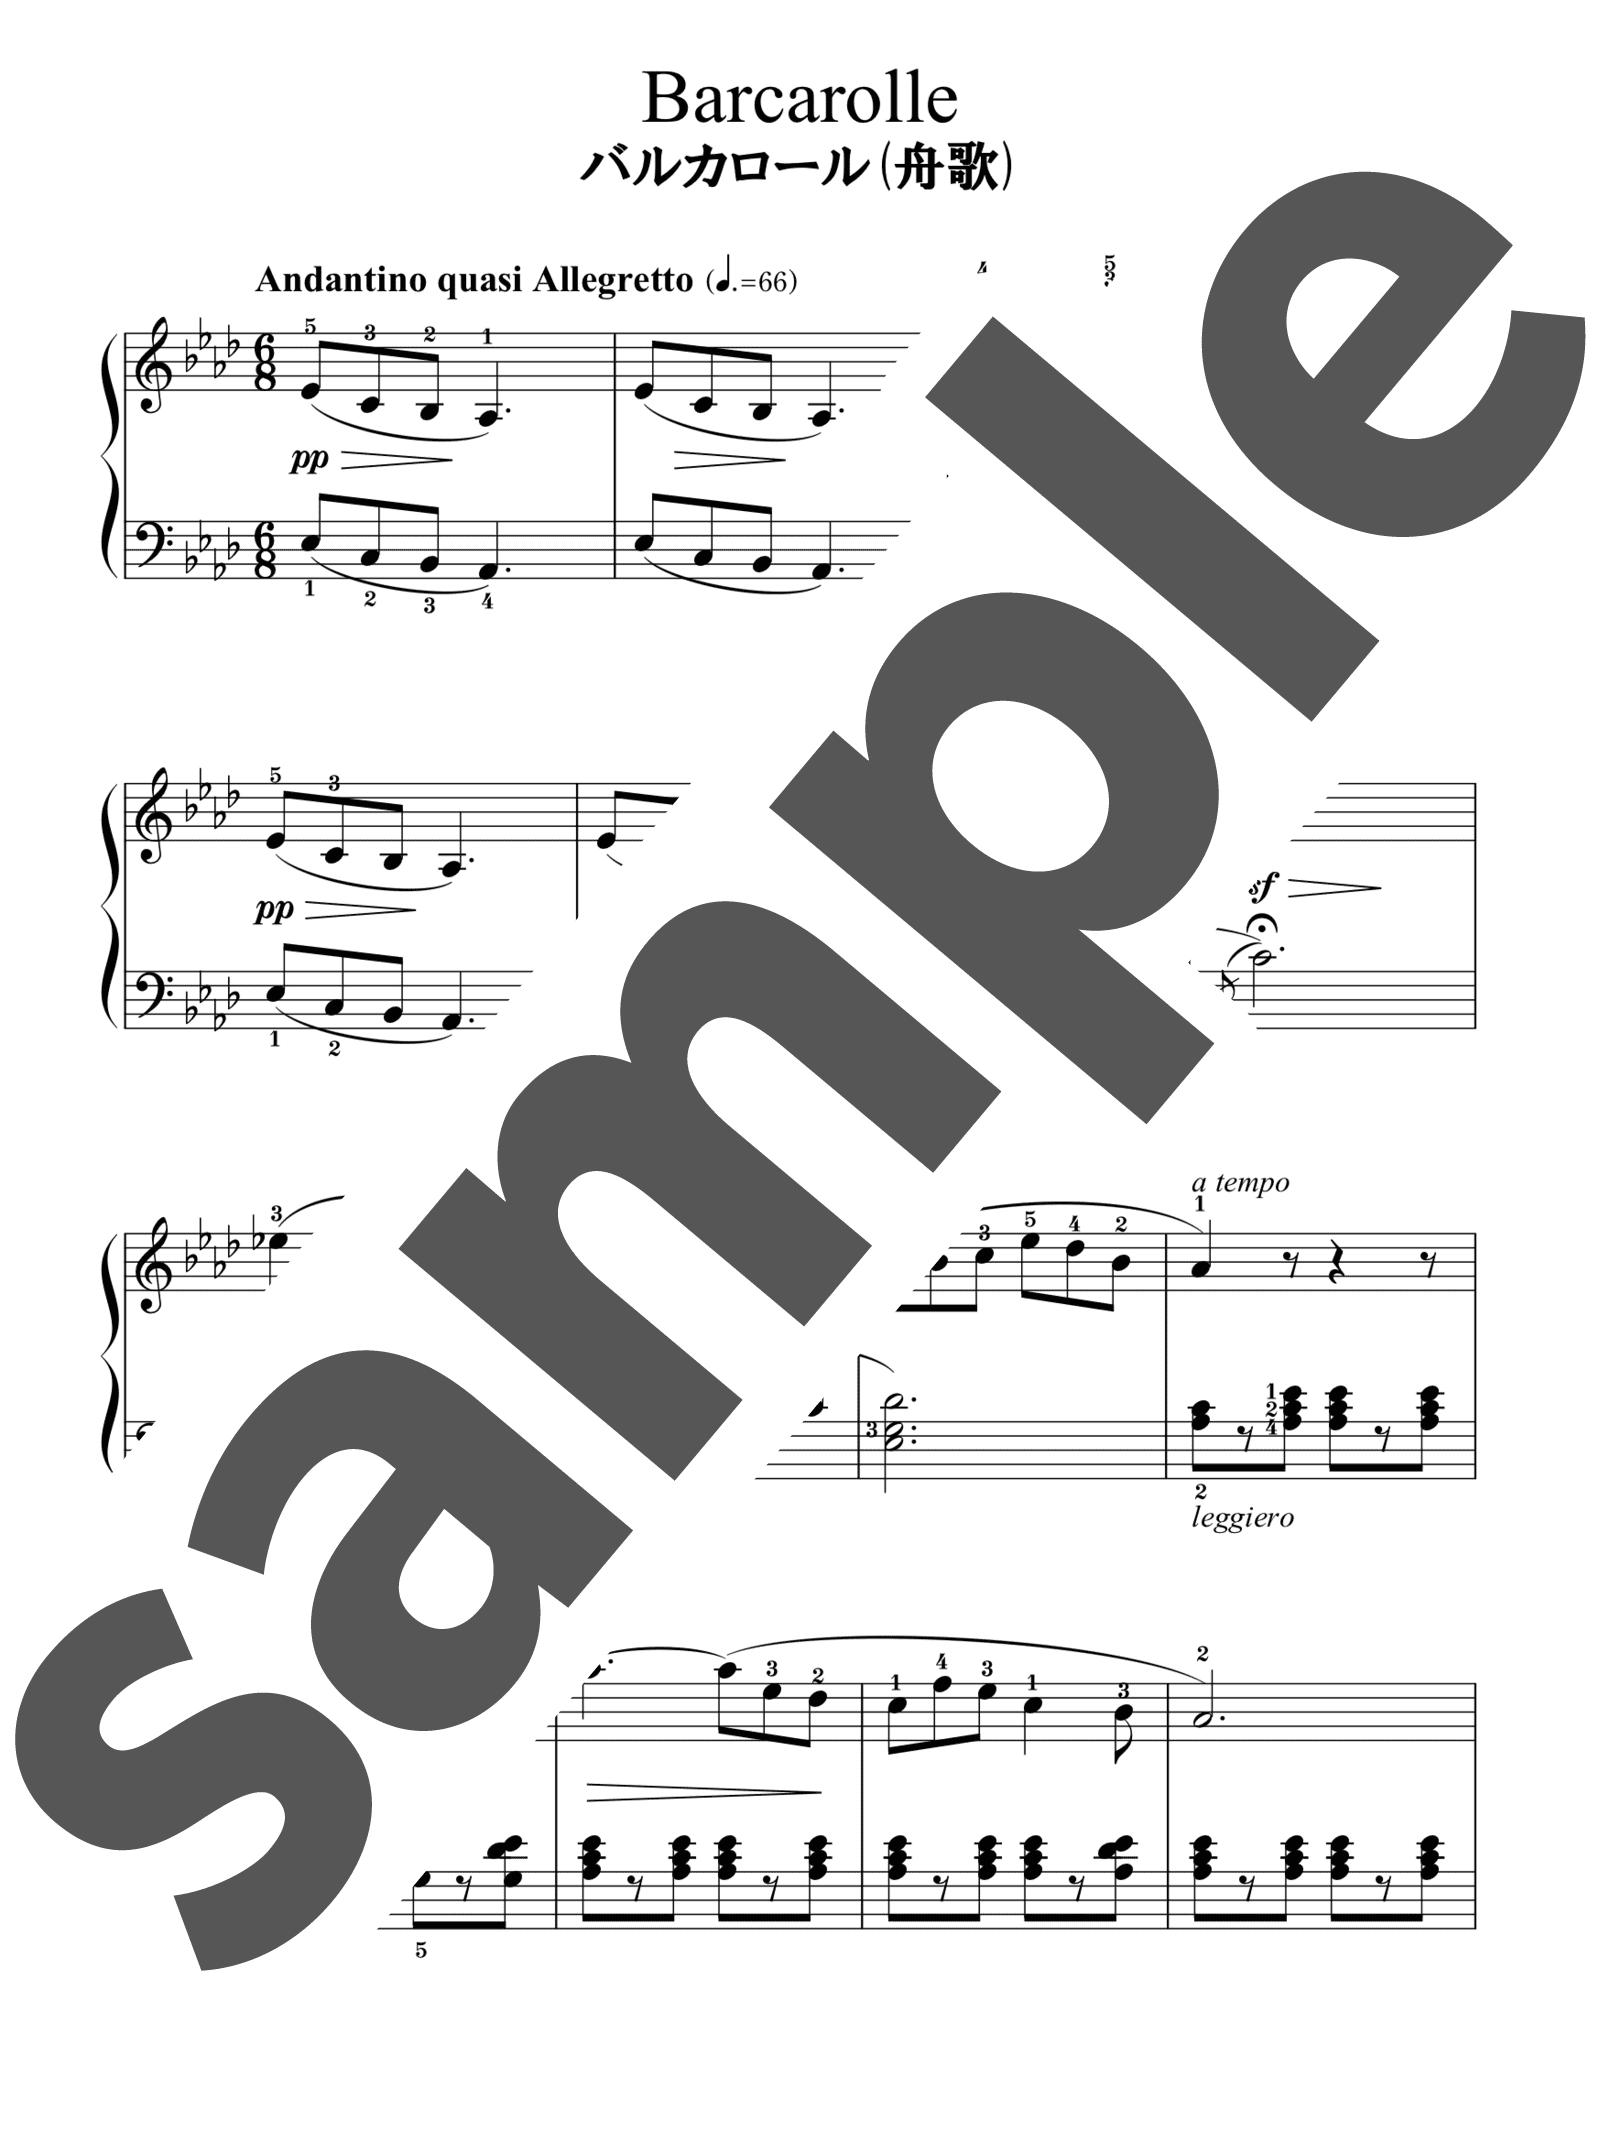 「ブルグミュラー25の練習曲22番 バルカロール(舟歌)」のサンプル楽譜